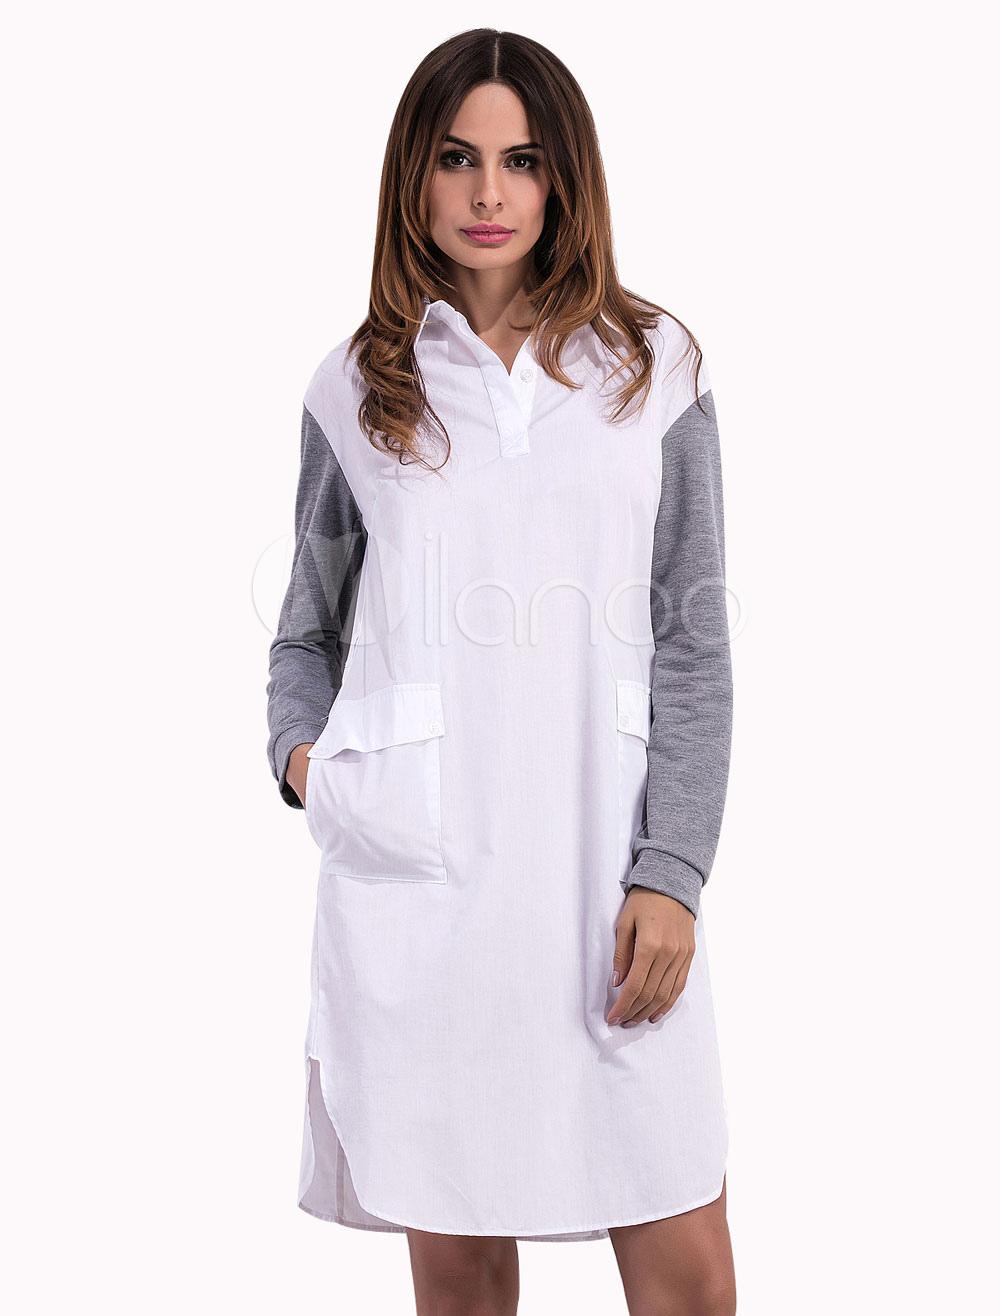 d0d852b56 Talla blusa blanca de algodón bolsillo camisa Casual para las mujeres-No.1  ...